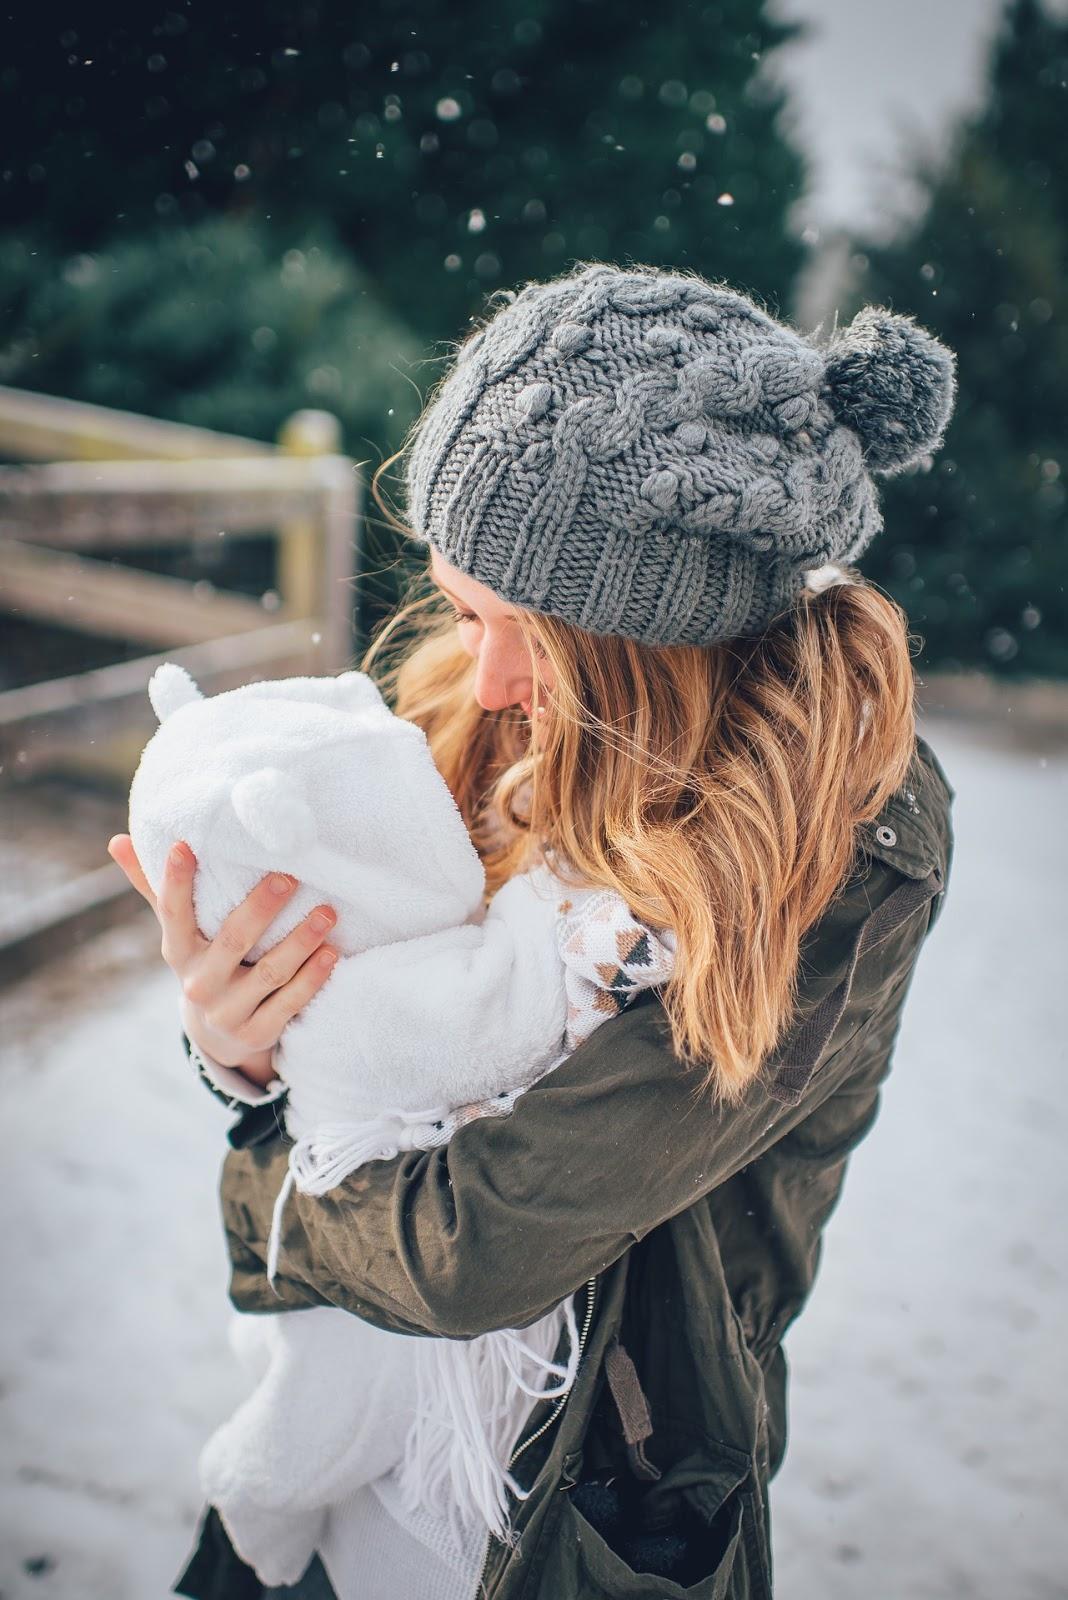 modischer Stil Sonderrabatt beste Qualität für Baby Schneeoverall Test: ohne Schadstoffe und warm mögen wir ...